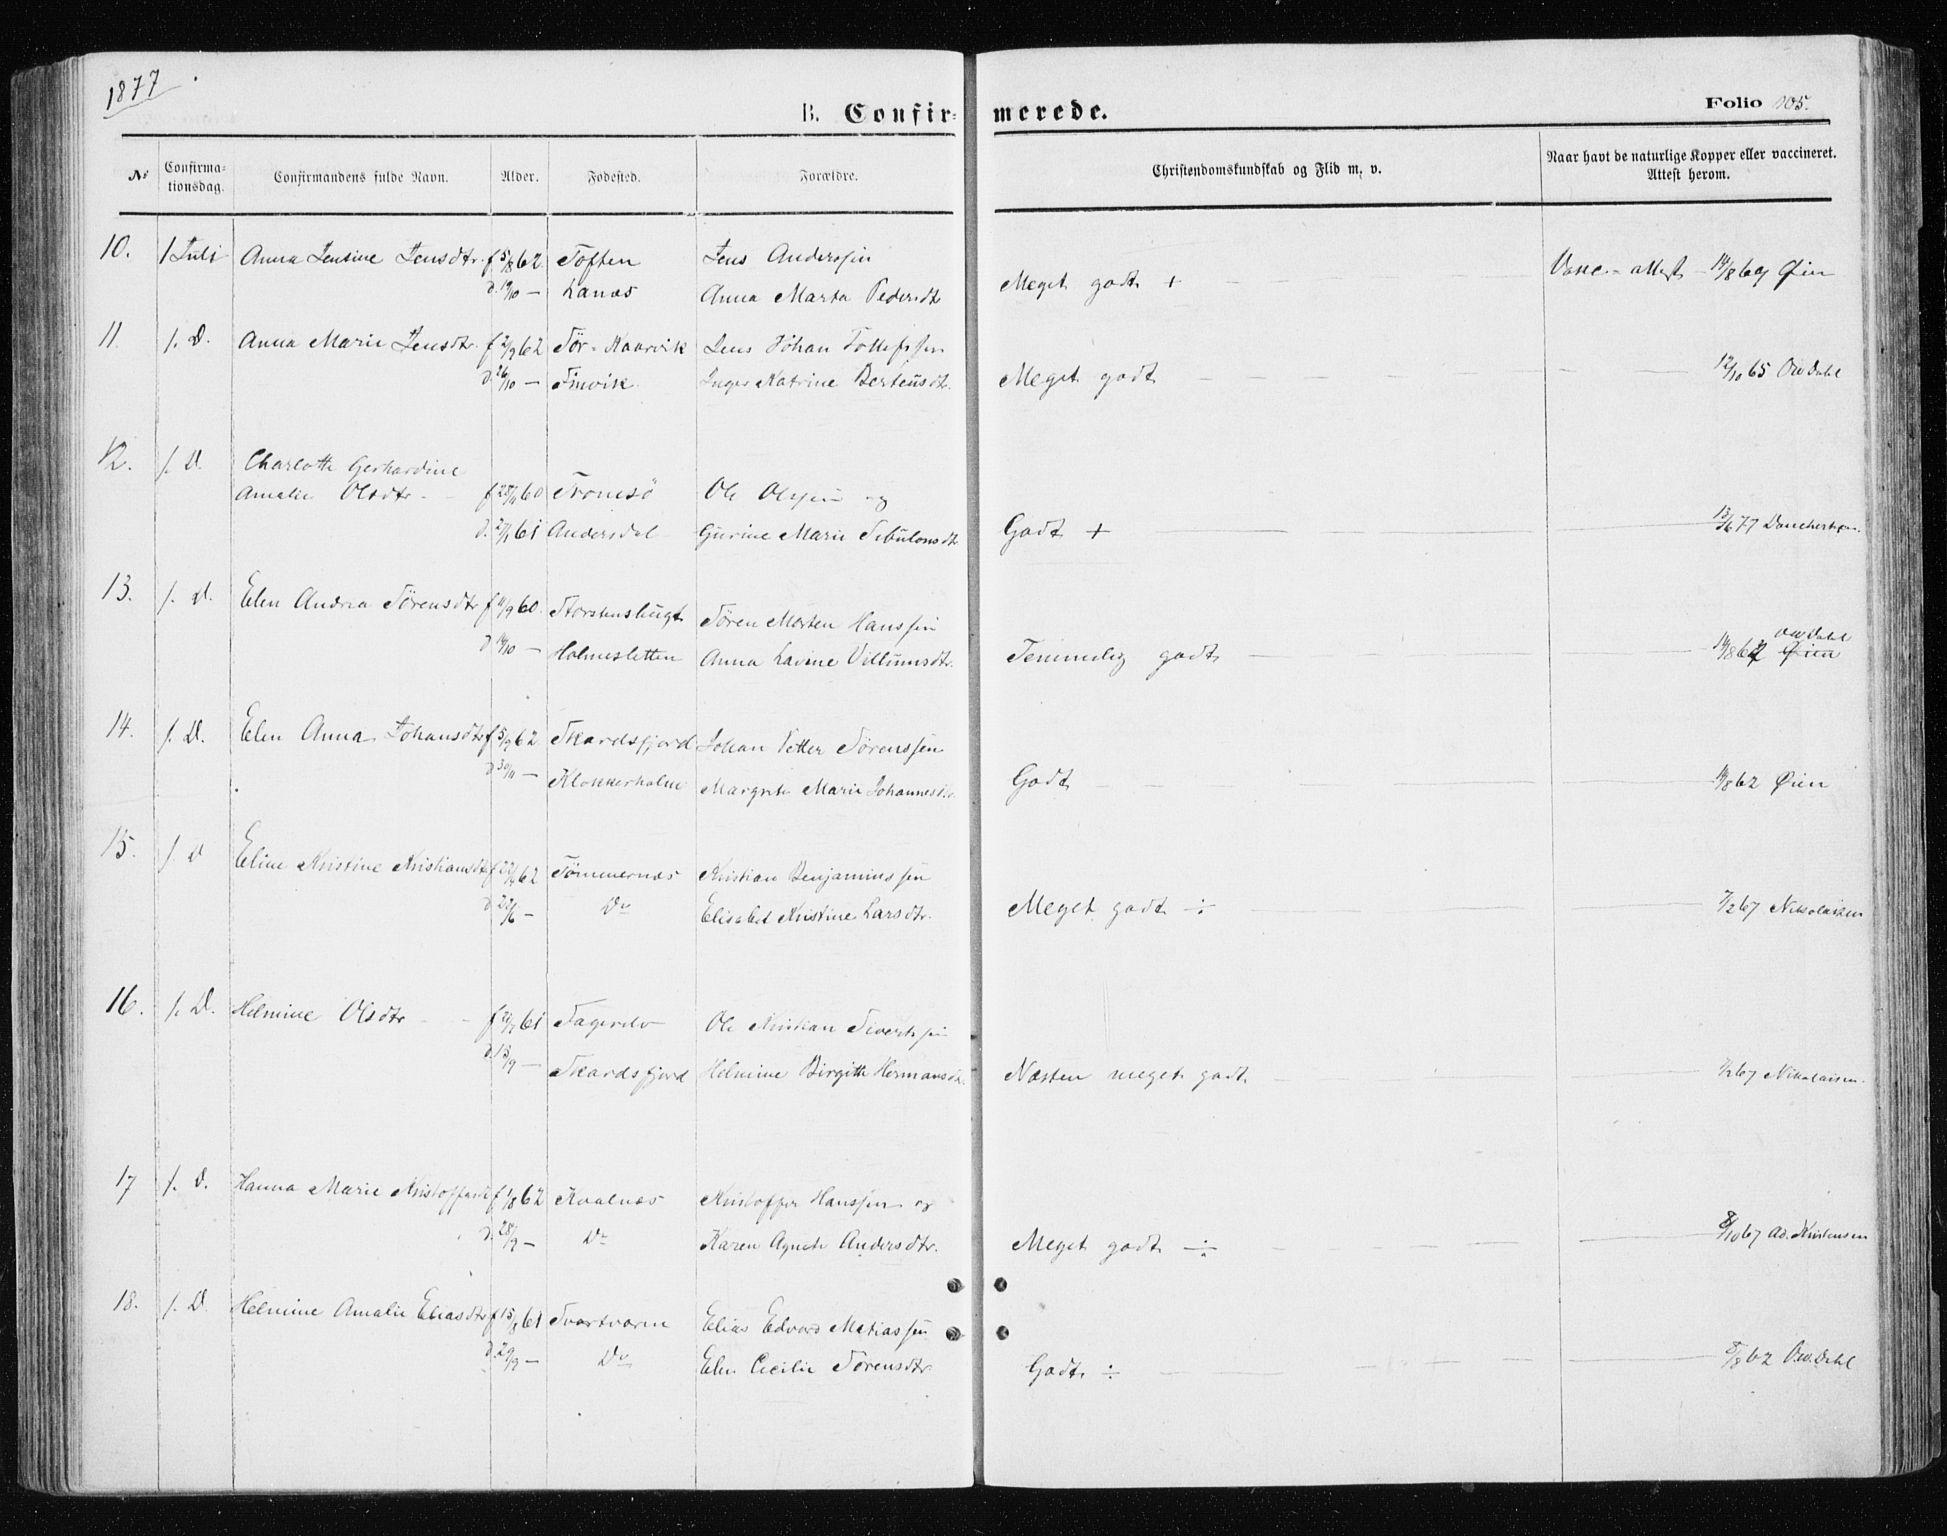 SATØ, Tromsøysund sokneprestkontor, G/Ga/L0003kirke: Ministerialbok nr. 3, 1875-1880, s. 105